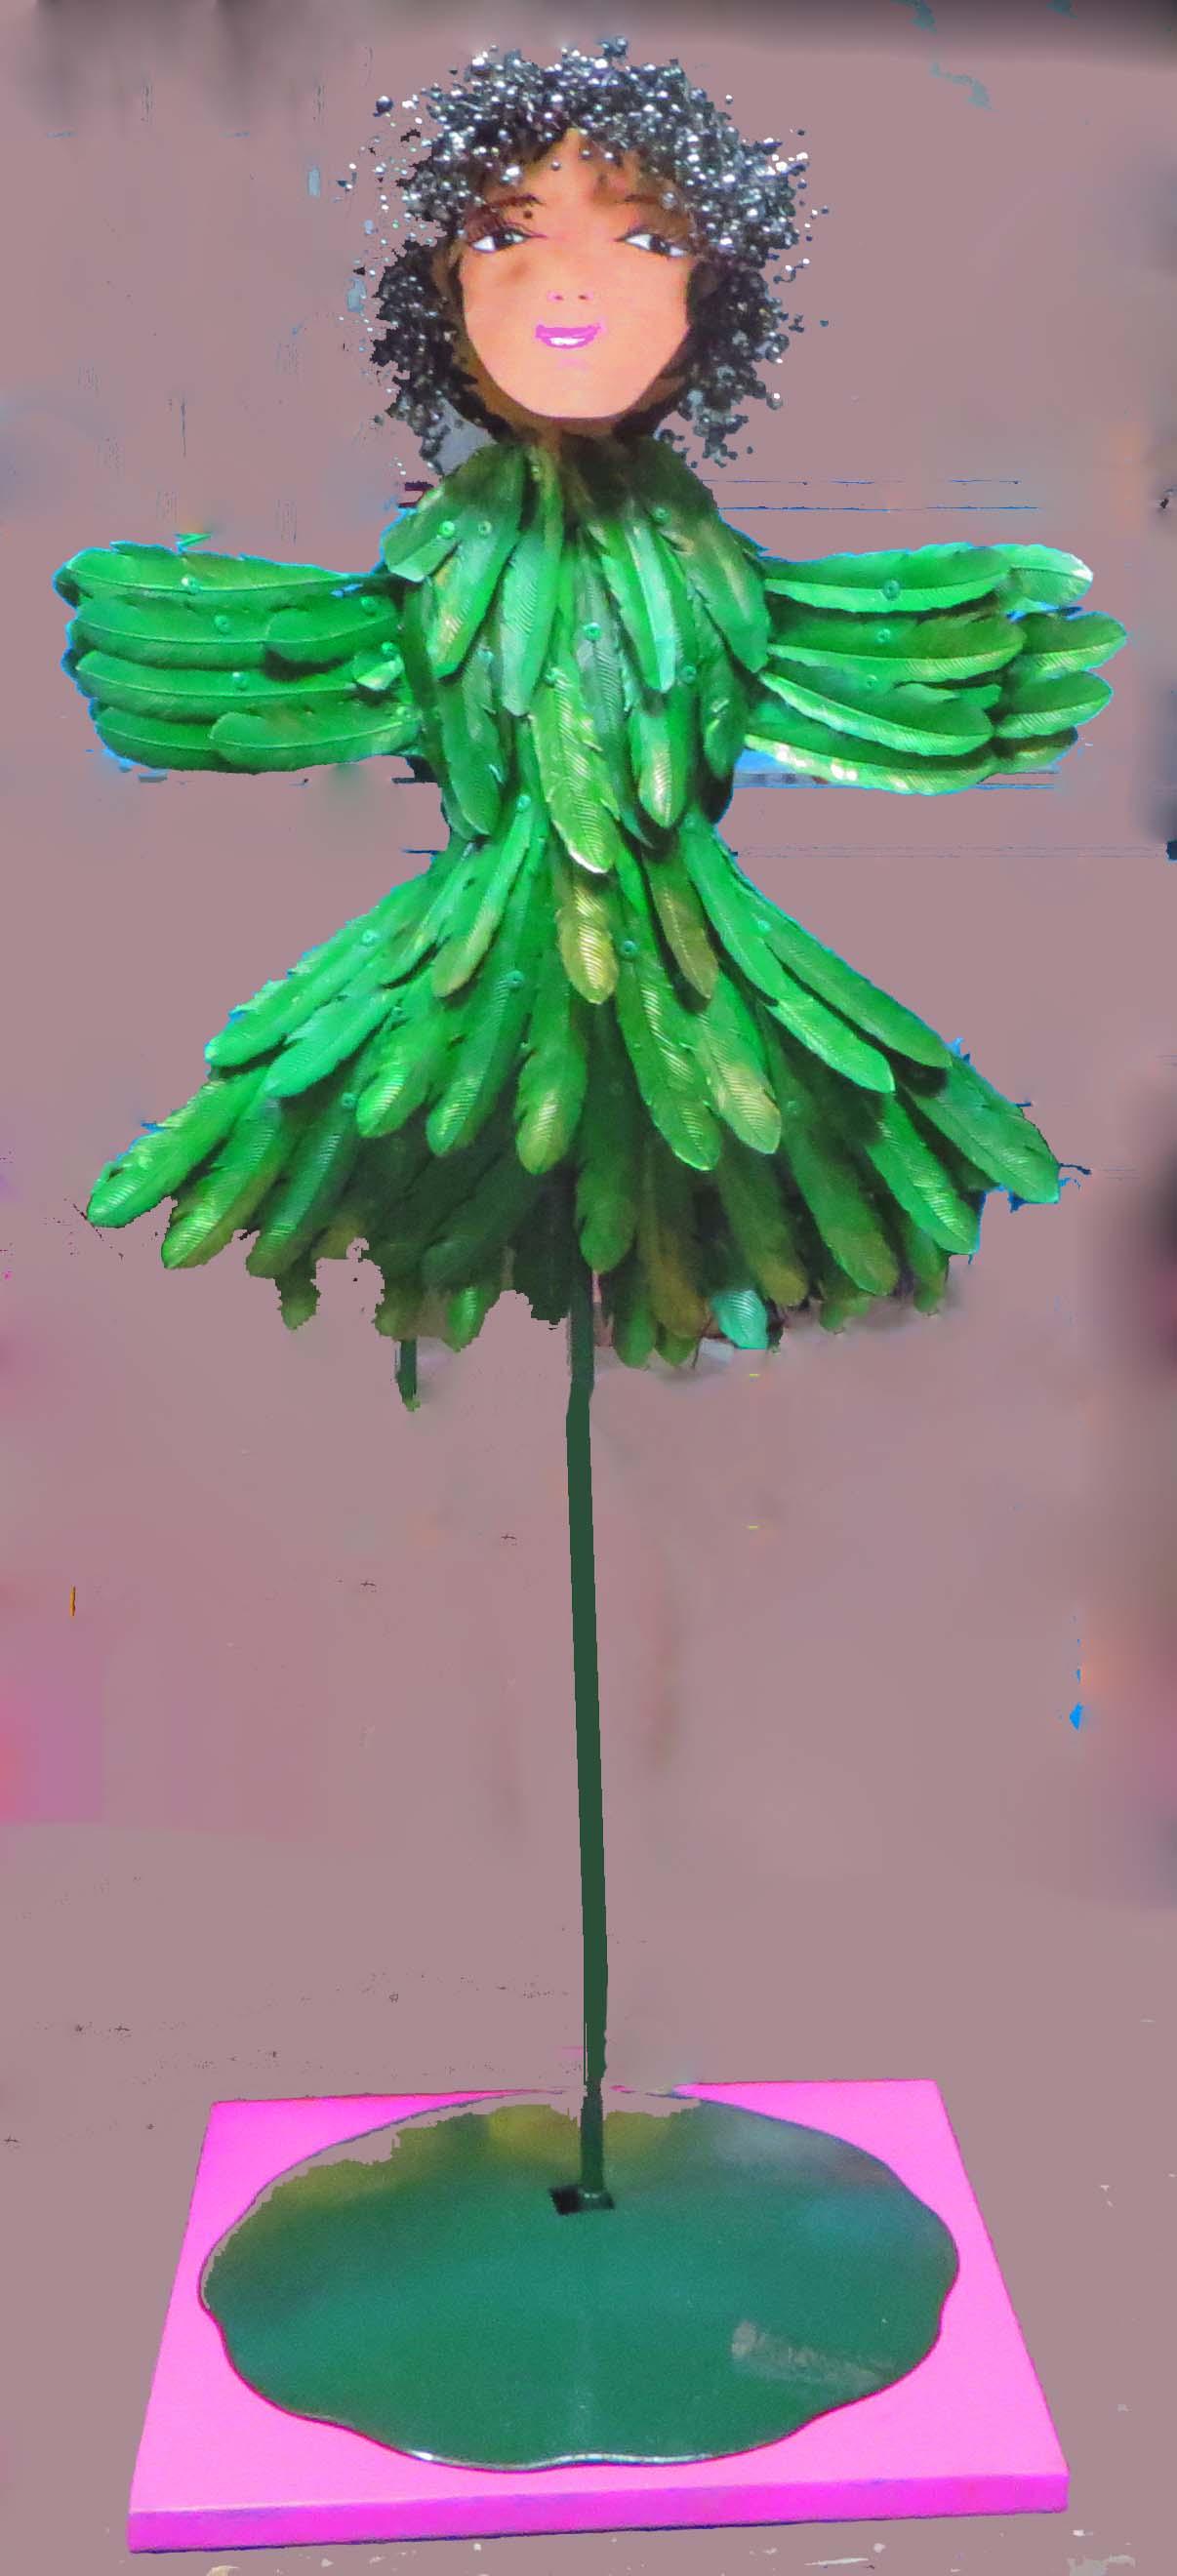 Bird, 2014, 4' tall